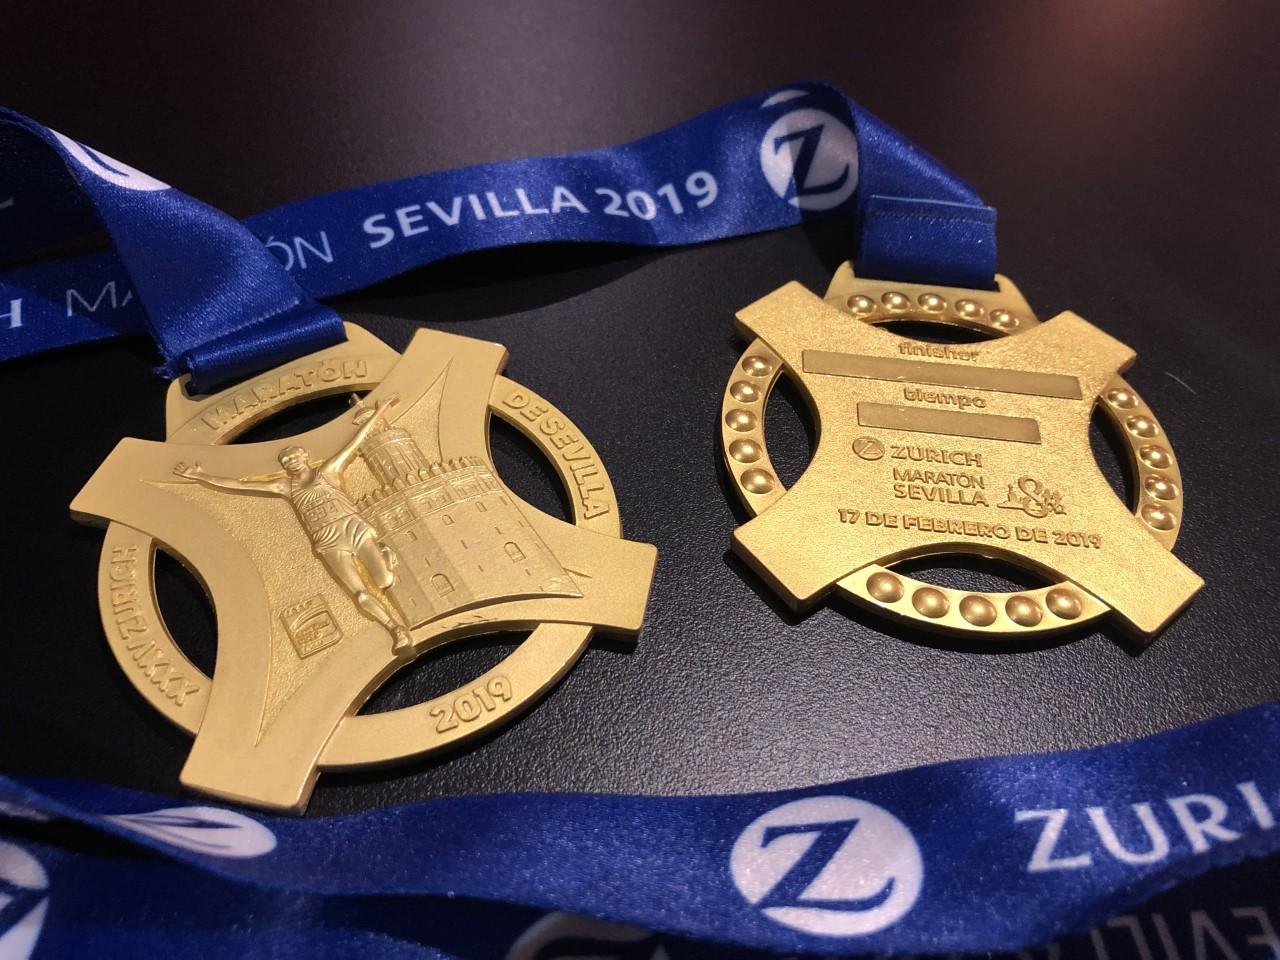 Resultado de imagen de medalla zurich sevilla 2019